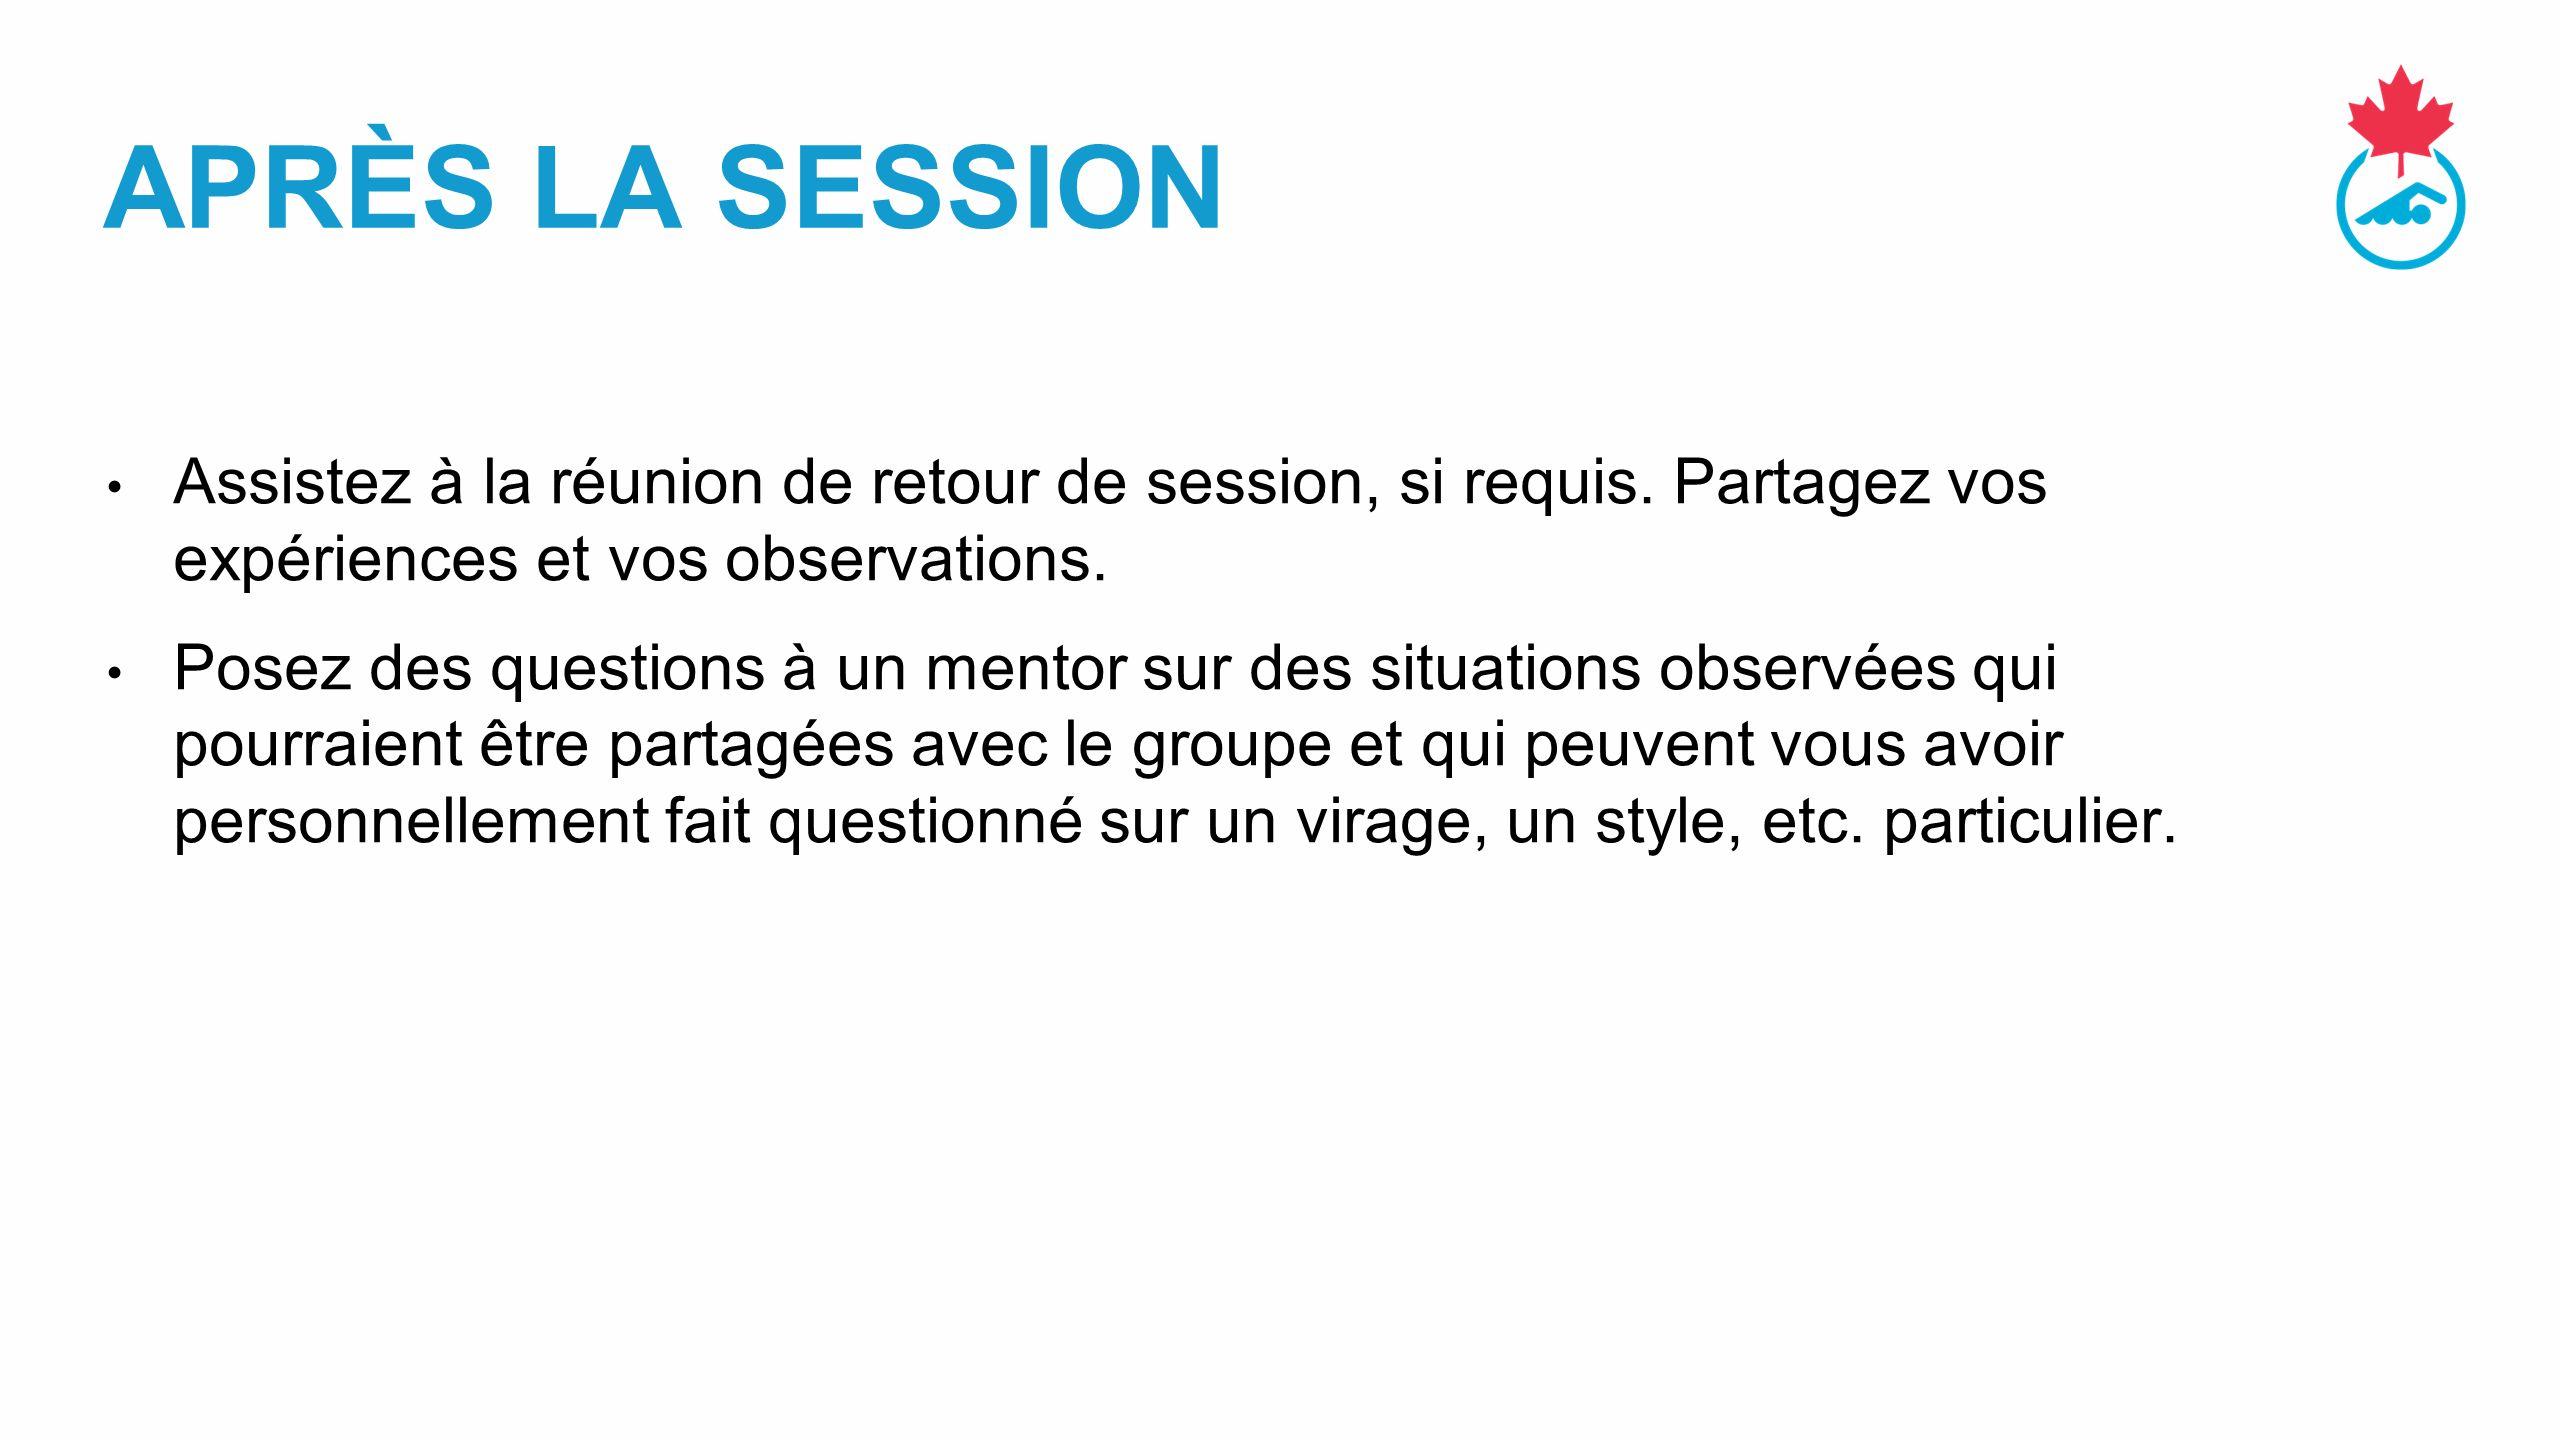 APRÈS LA SESSION Assistez à la réunion de retour de session, si requis.